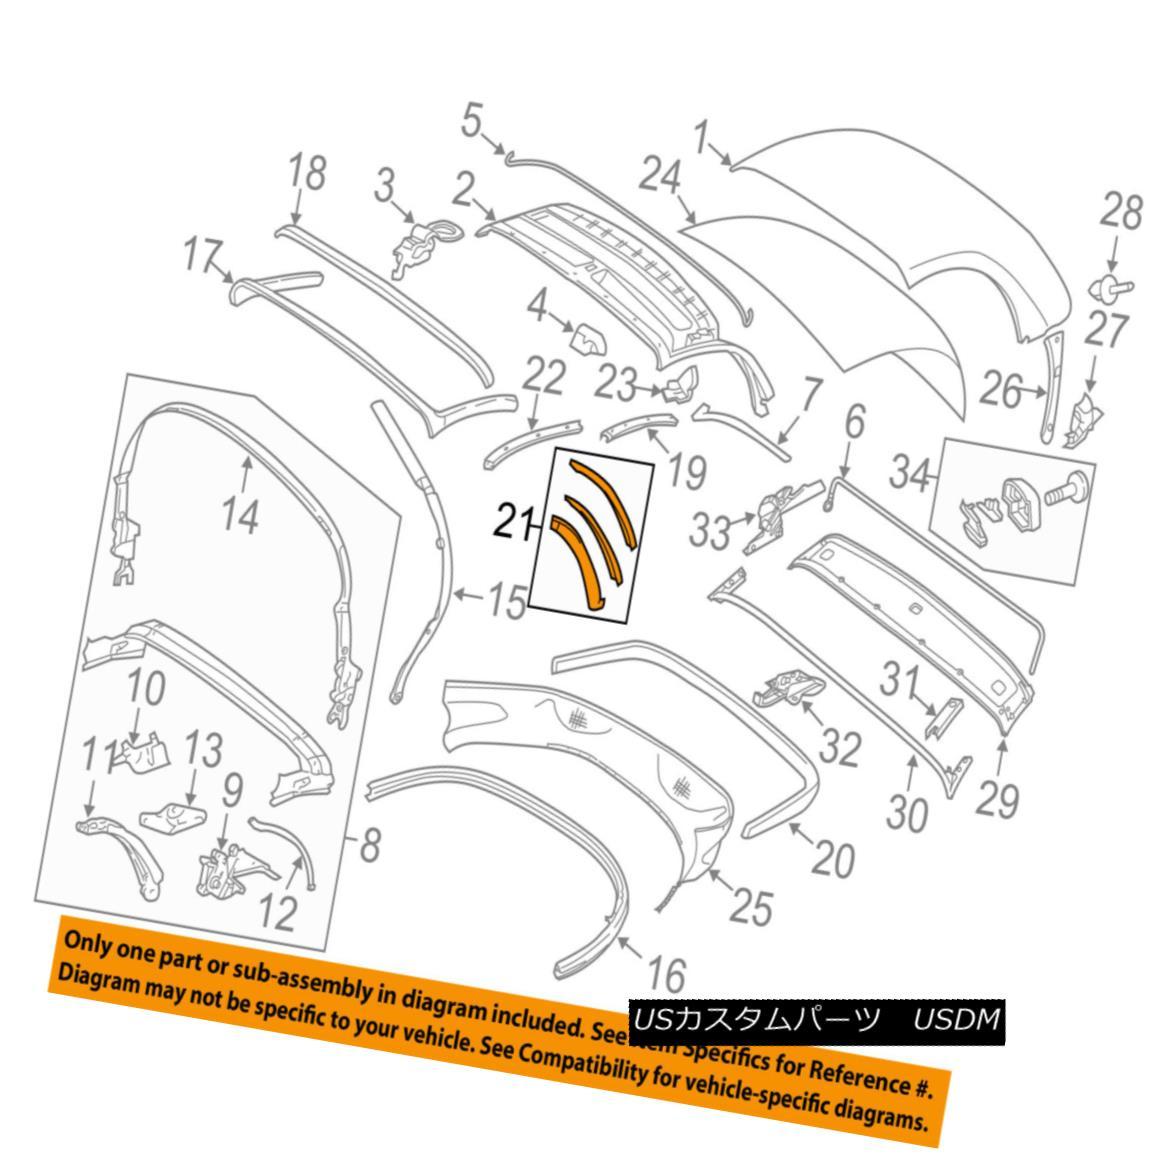 幌・ソフトトップ PORSCHE OEM 05-12 Boxster Convertible/soft Top-Gasket Right 98756112401 PORSCHE OEM 05-12 Boxster Convertible / so ftトップガスケットの権利98756112401